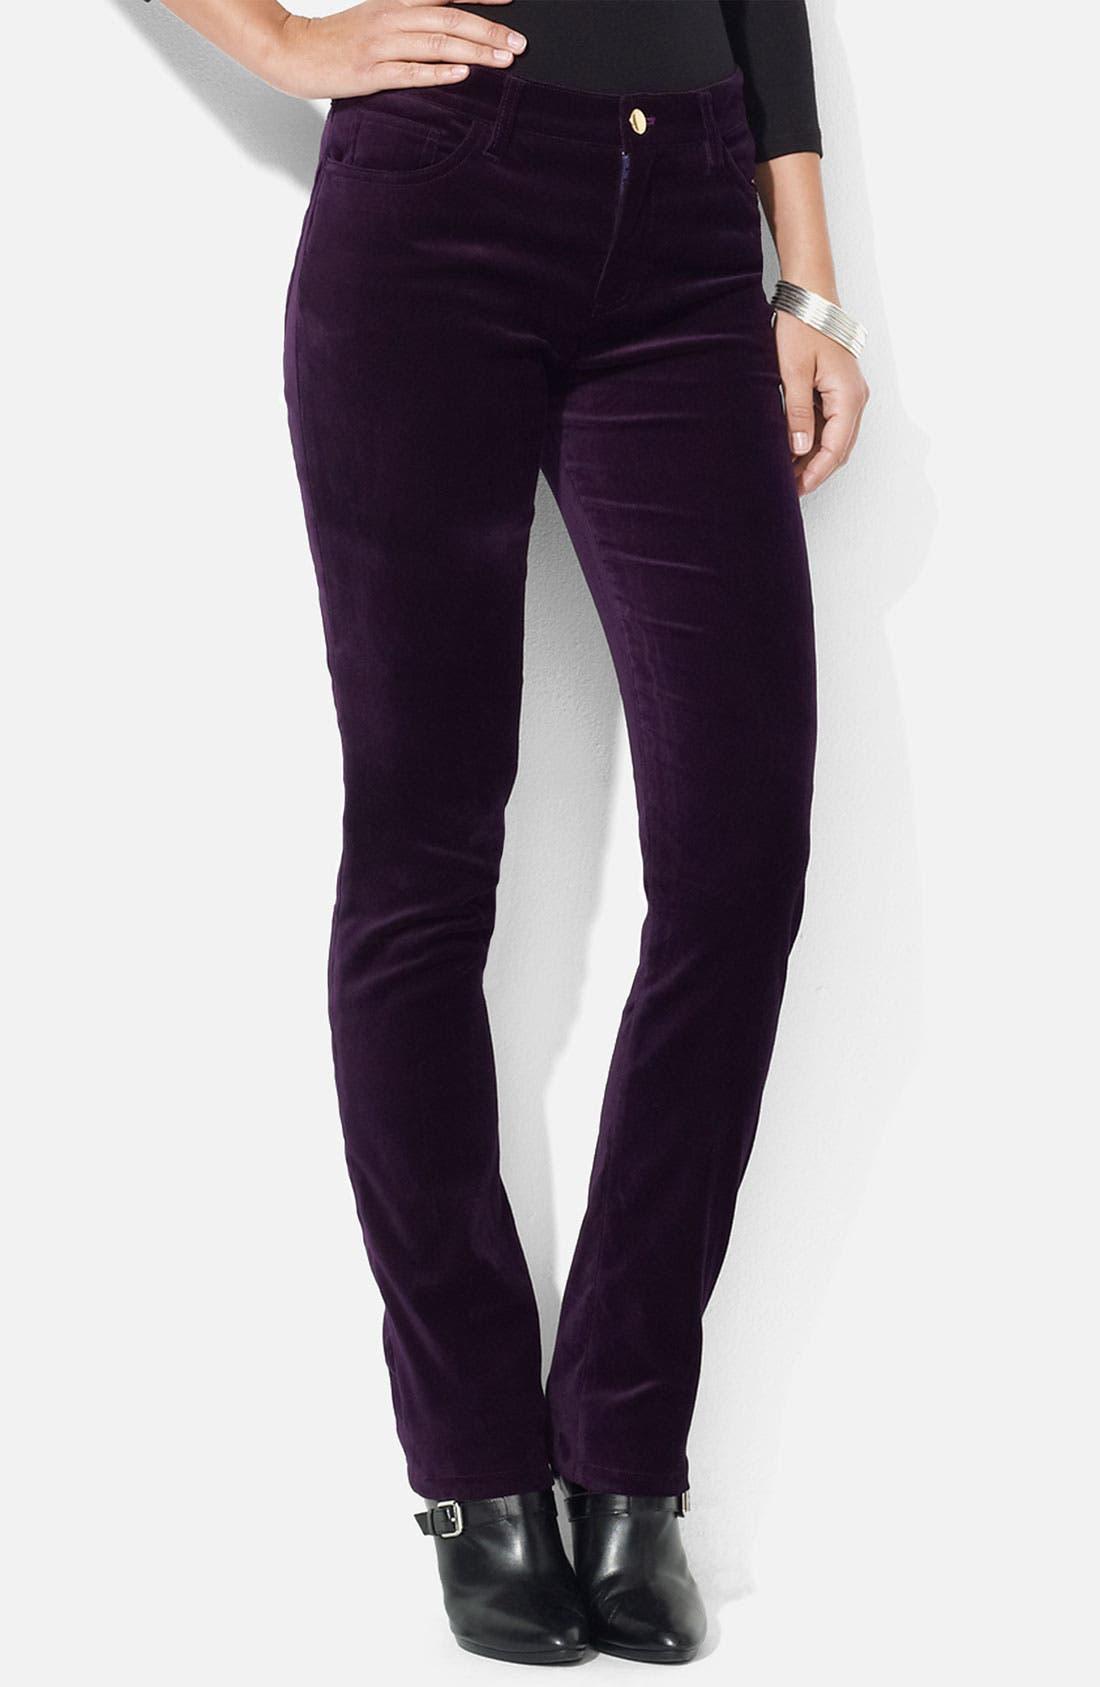 Alternate Image 1 Selected - Lauren Ralph Lauren Stretch Velveteen Pants (Petite)